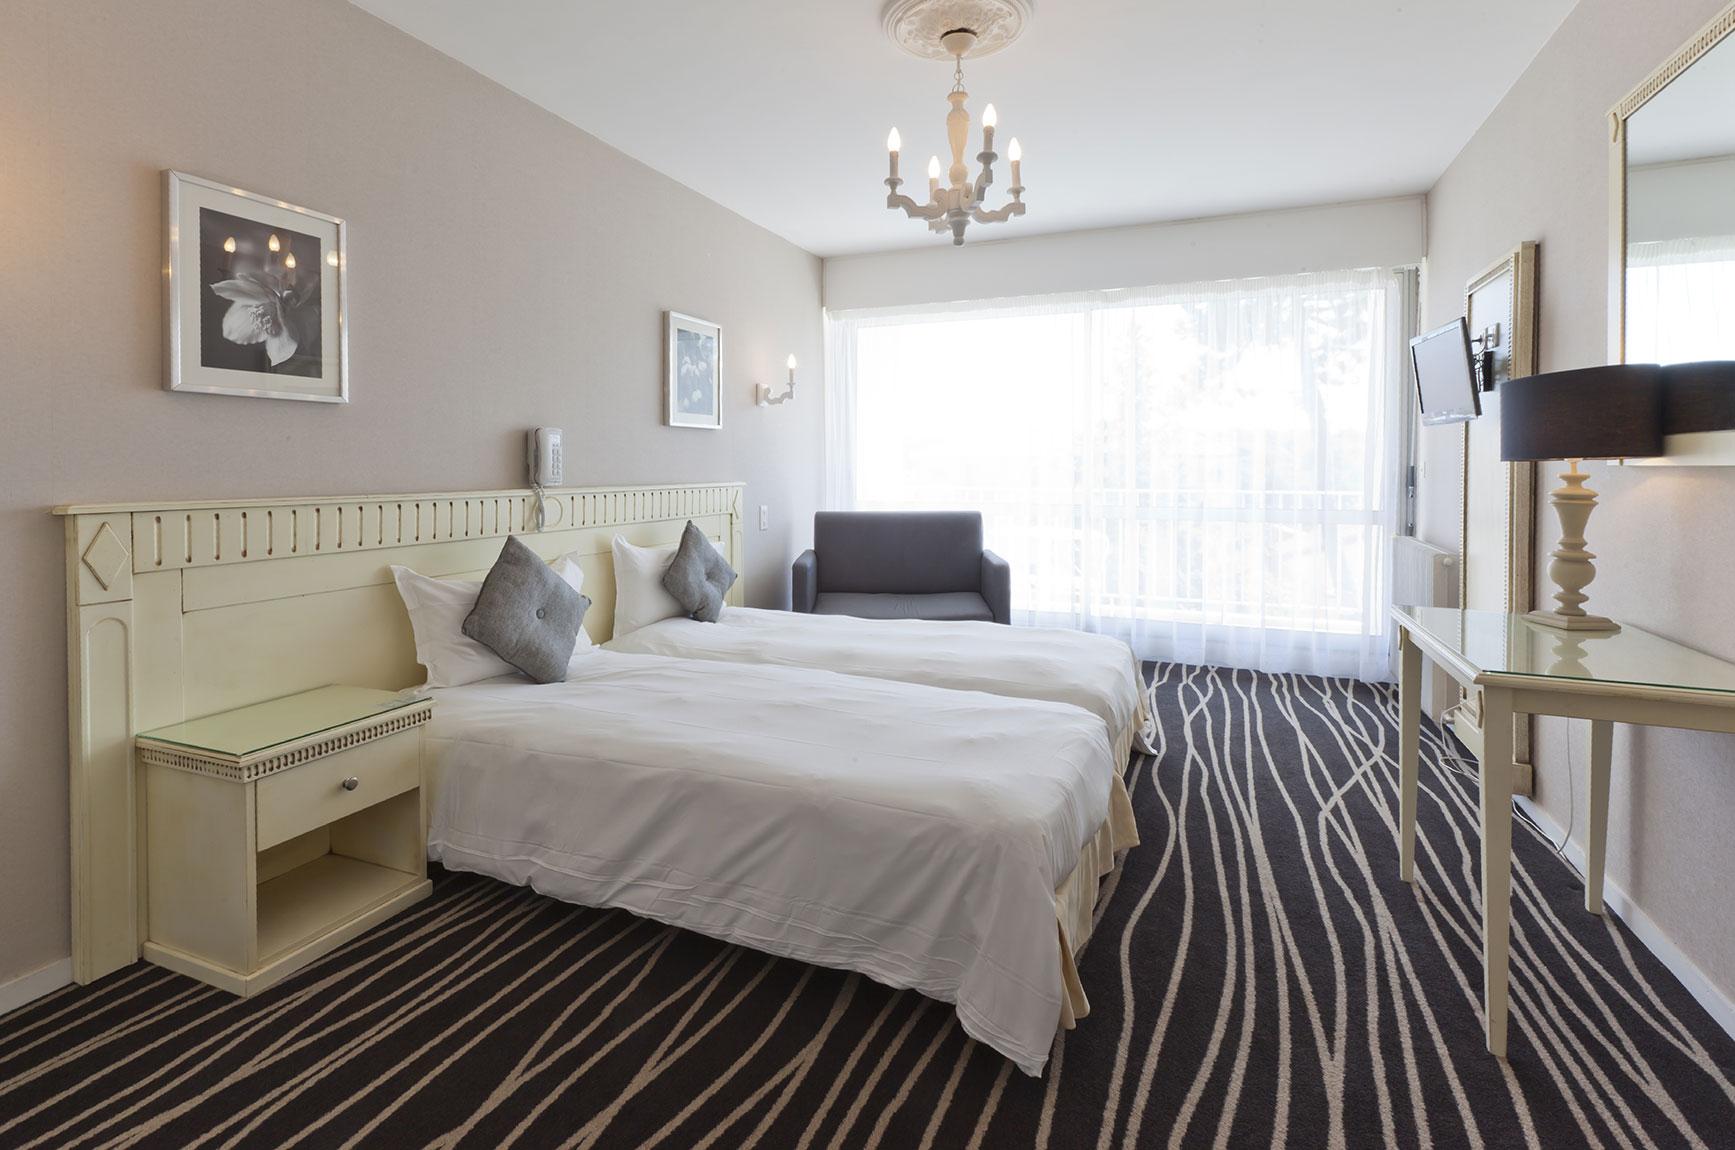 Camera da letto con 2 letti singoli h tel du parc - Camera di letto usato ...